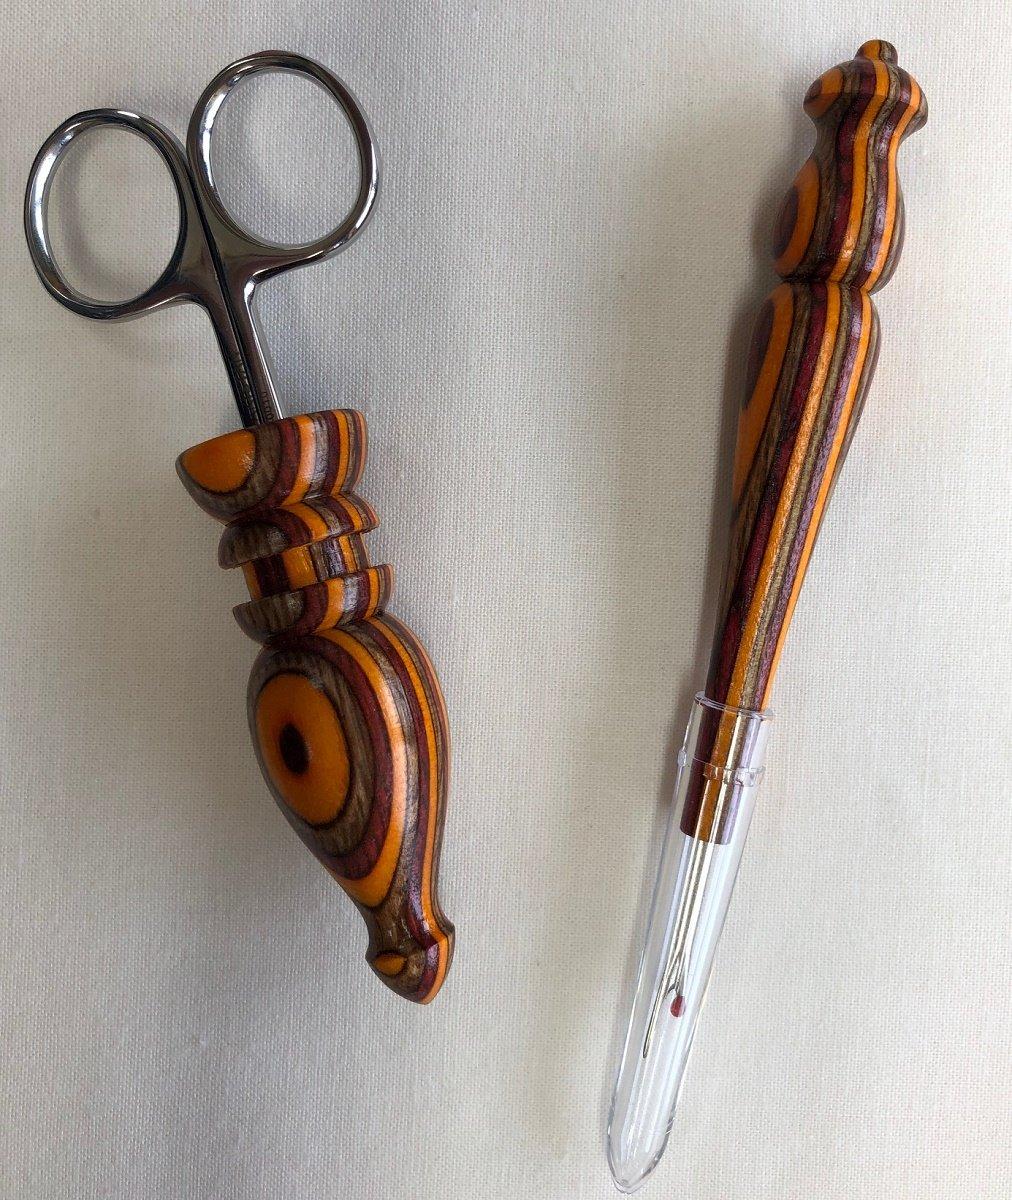 Scissor Seam Ripper Set Burgundy Gold W28